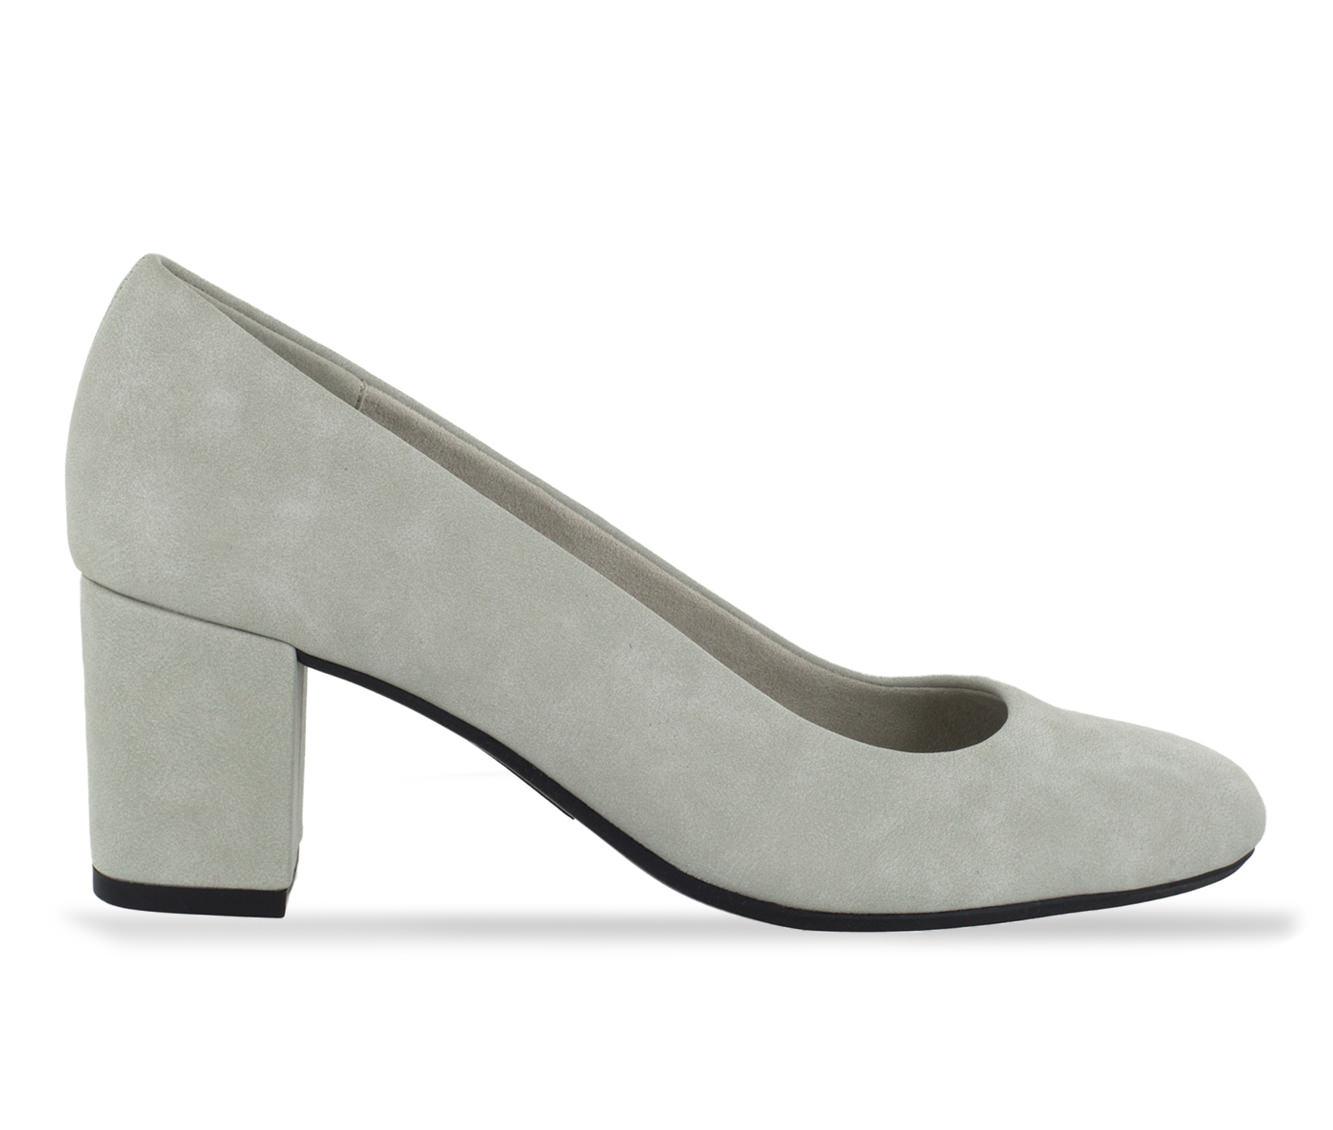 Easy Street Proper Women's Dress Shoe (Gray Faux Leather)